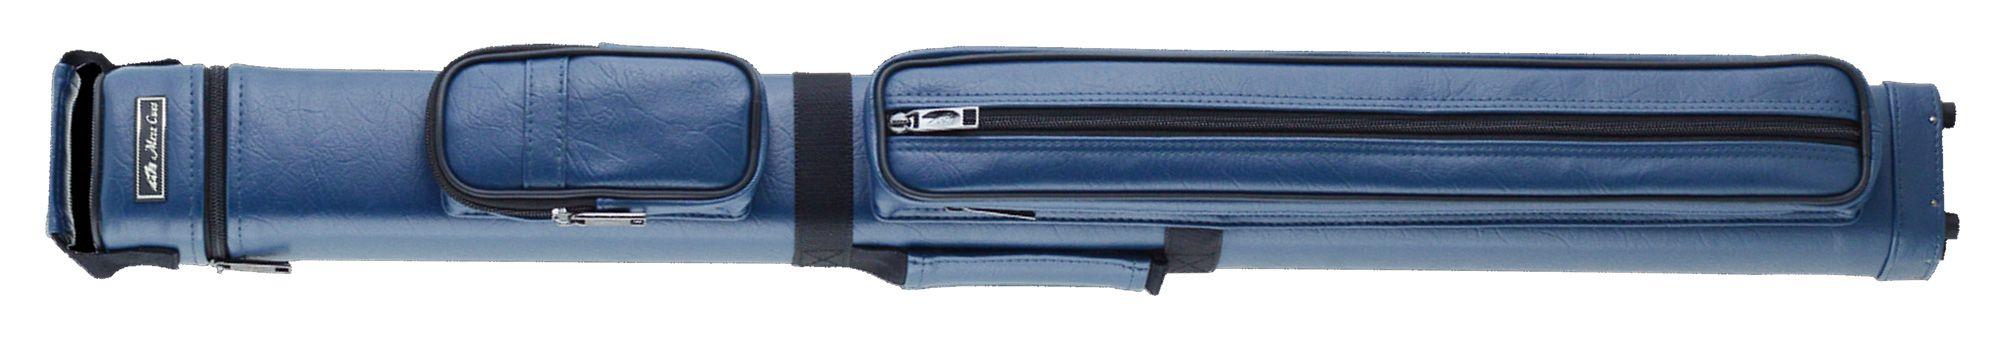 キューケース mo-23b ブルー (バット2本シャフト3本収納) 商品画像